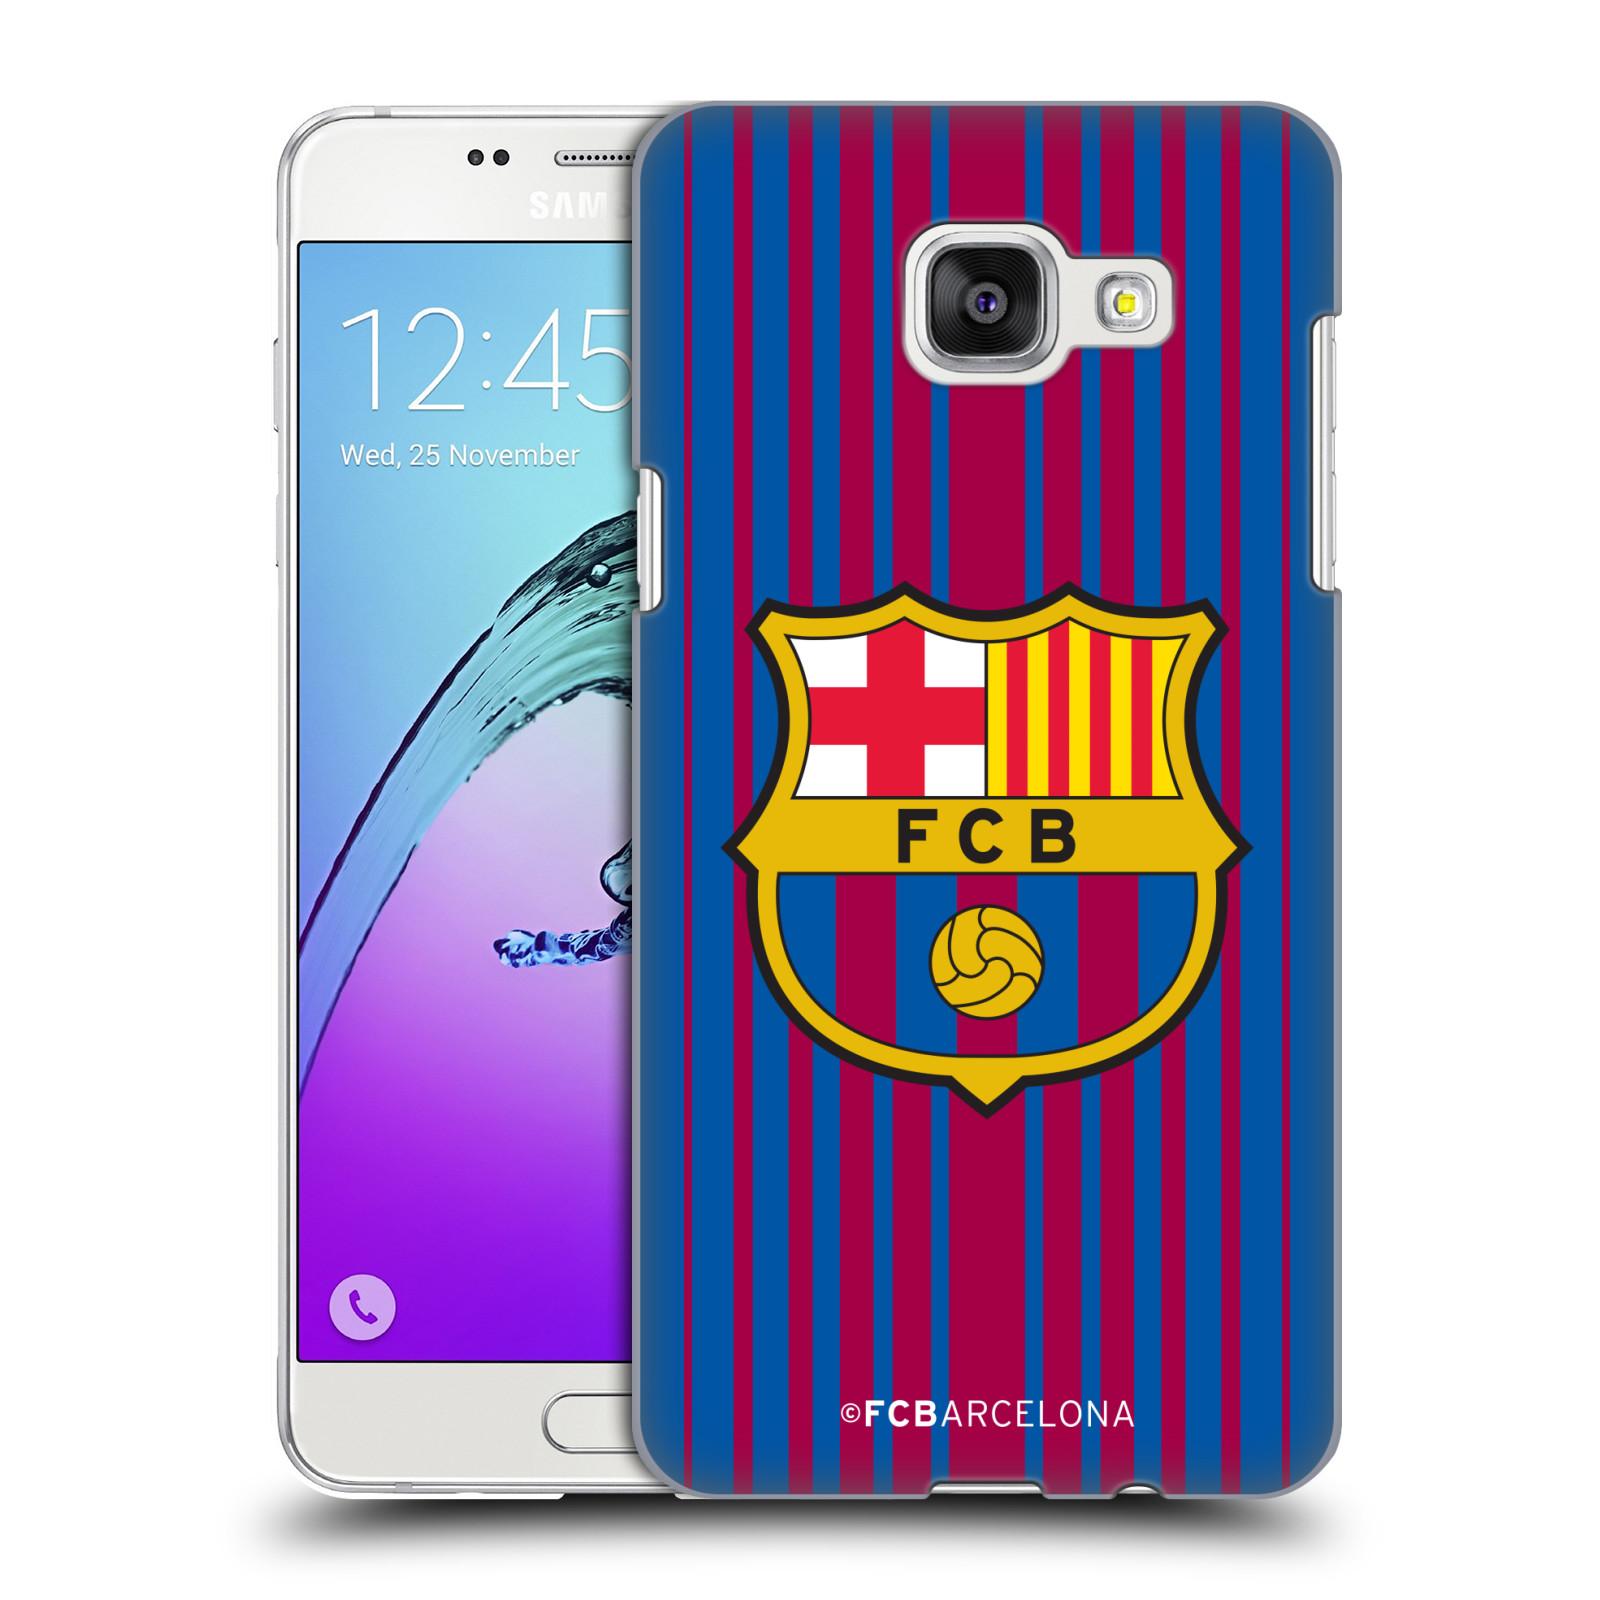 Plastové pouzdro na mobil Samsung Galaxy A5 (2016) - Head Case - FC Barcelona - Logo domácí